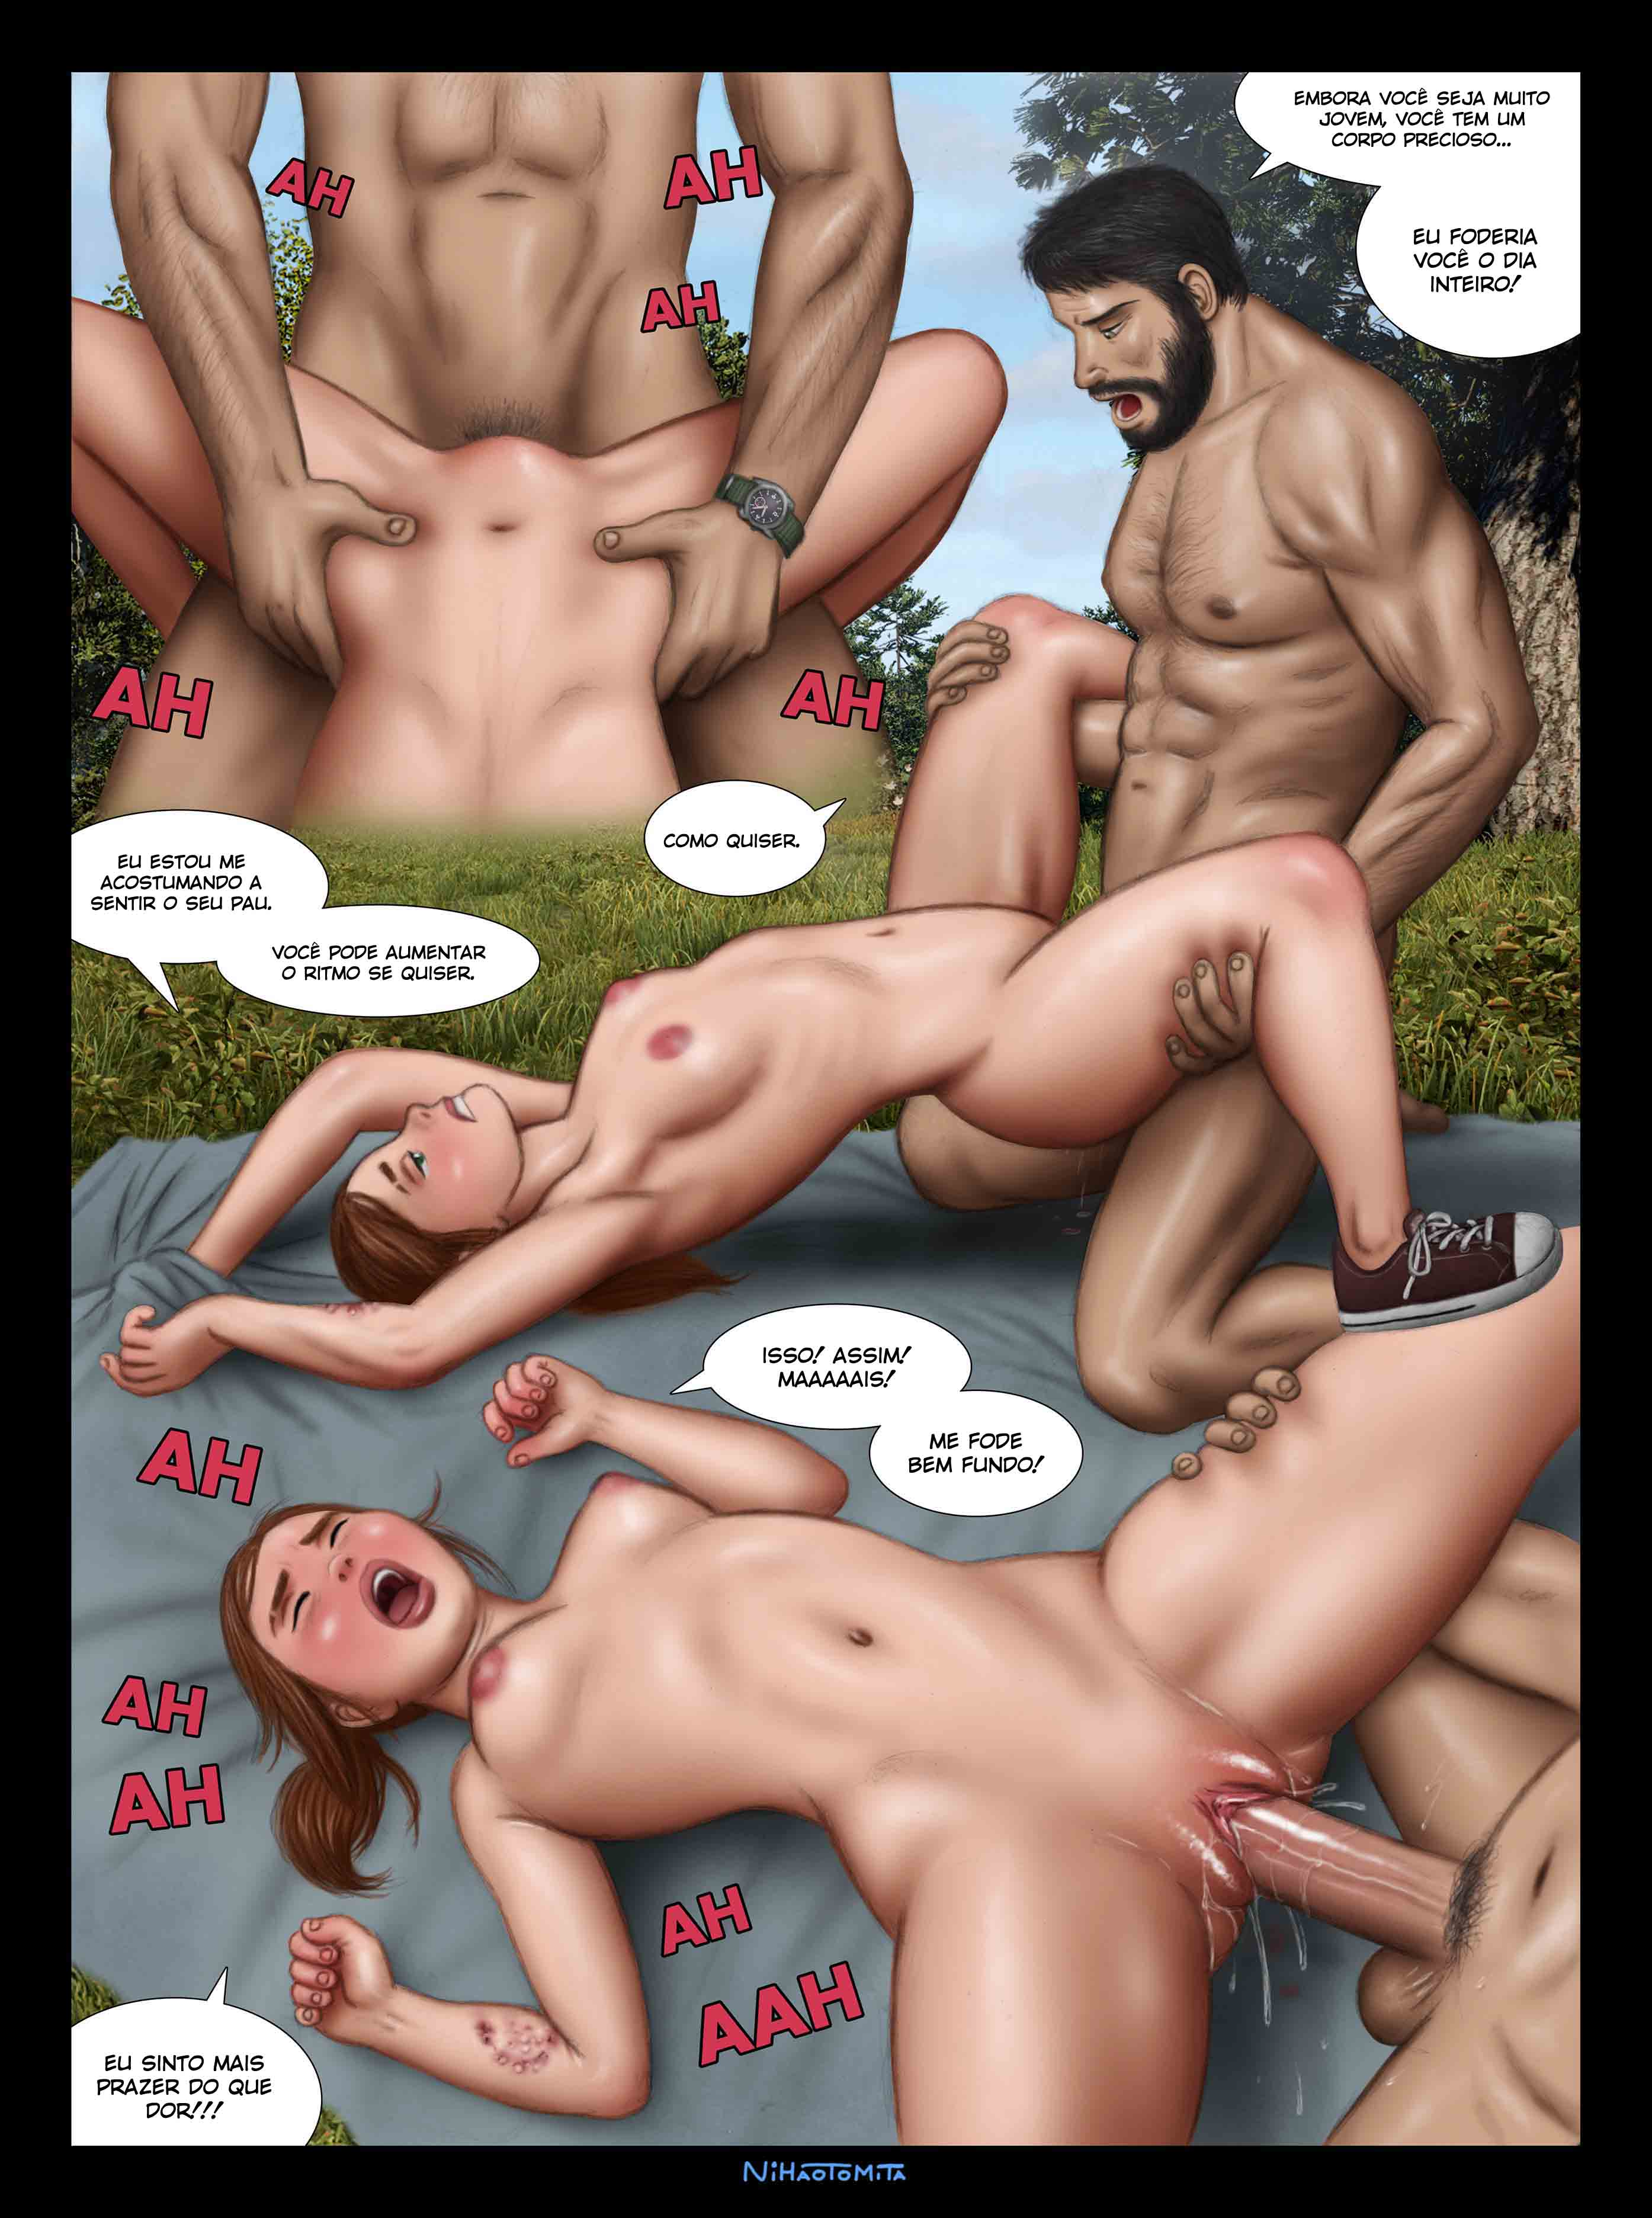 Me ensine! Tire minha virgindade! - Foto 12